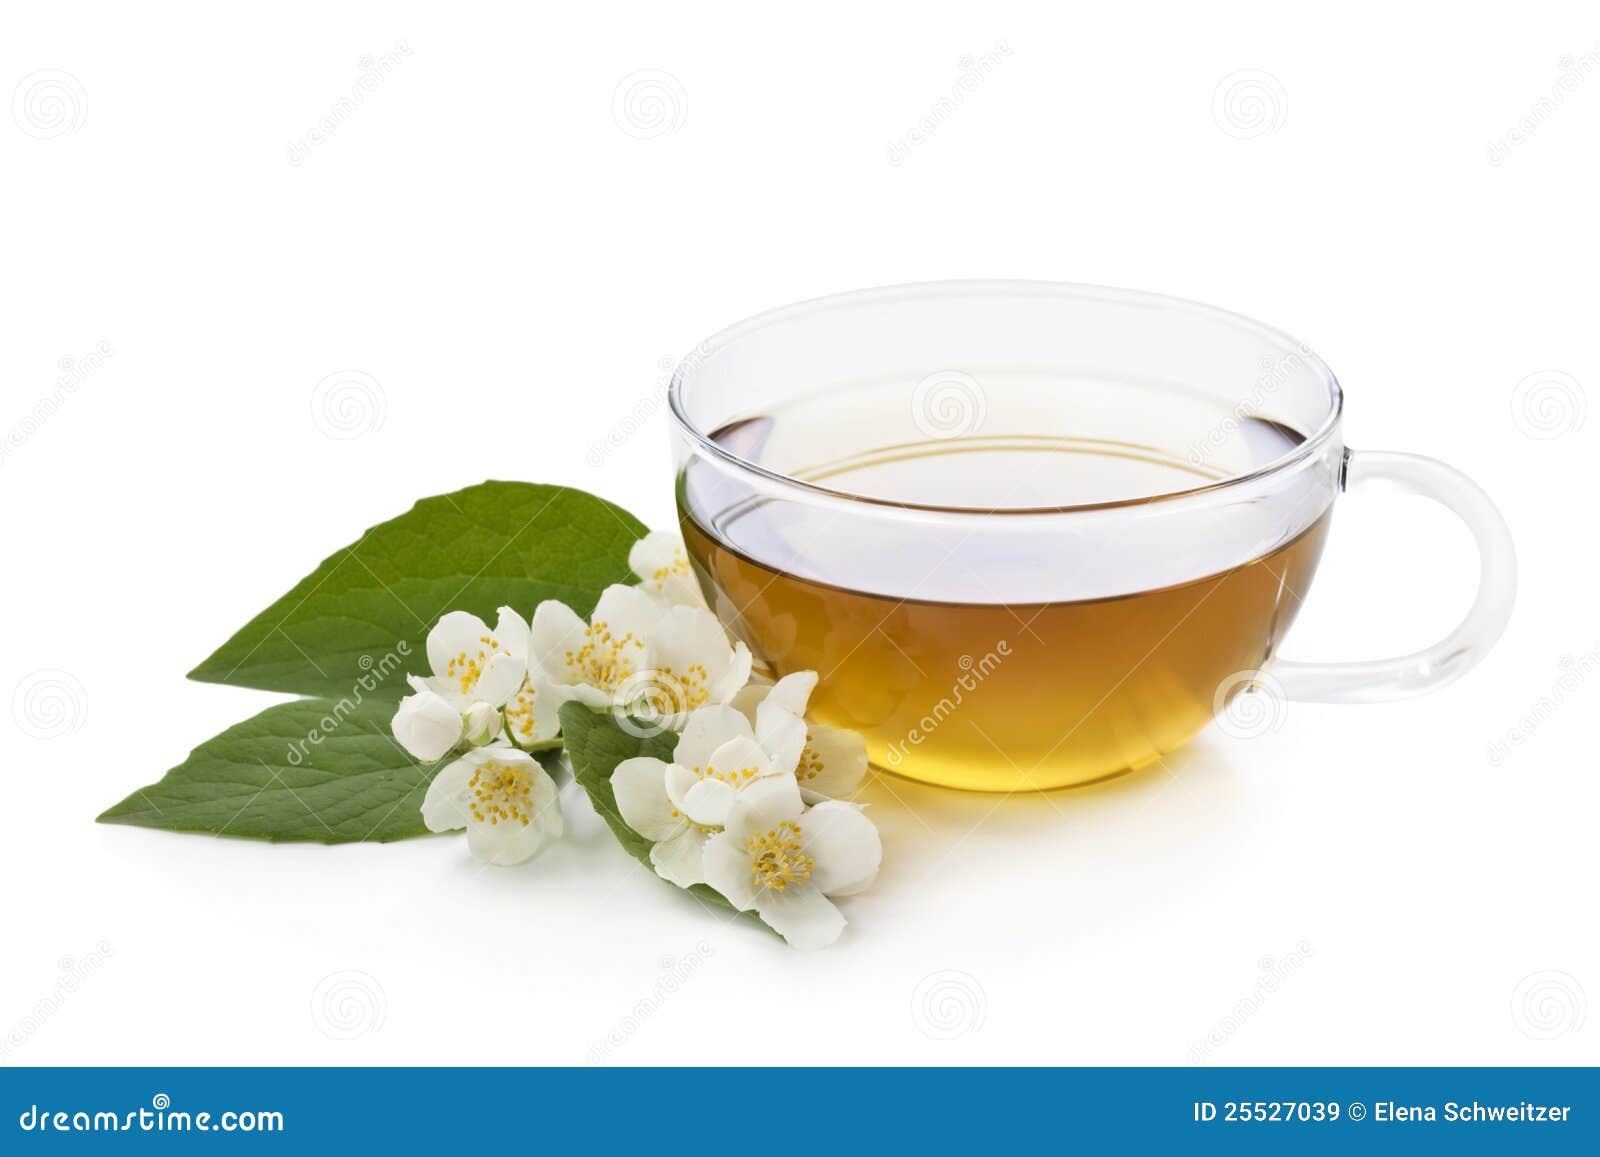 Kruiden jasmijnthee